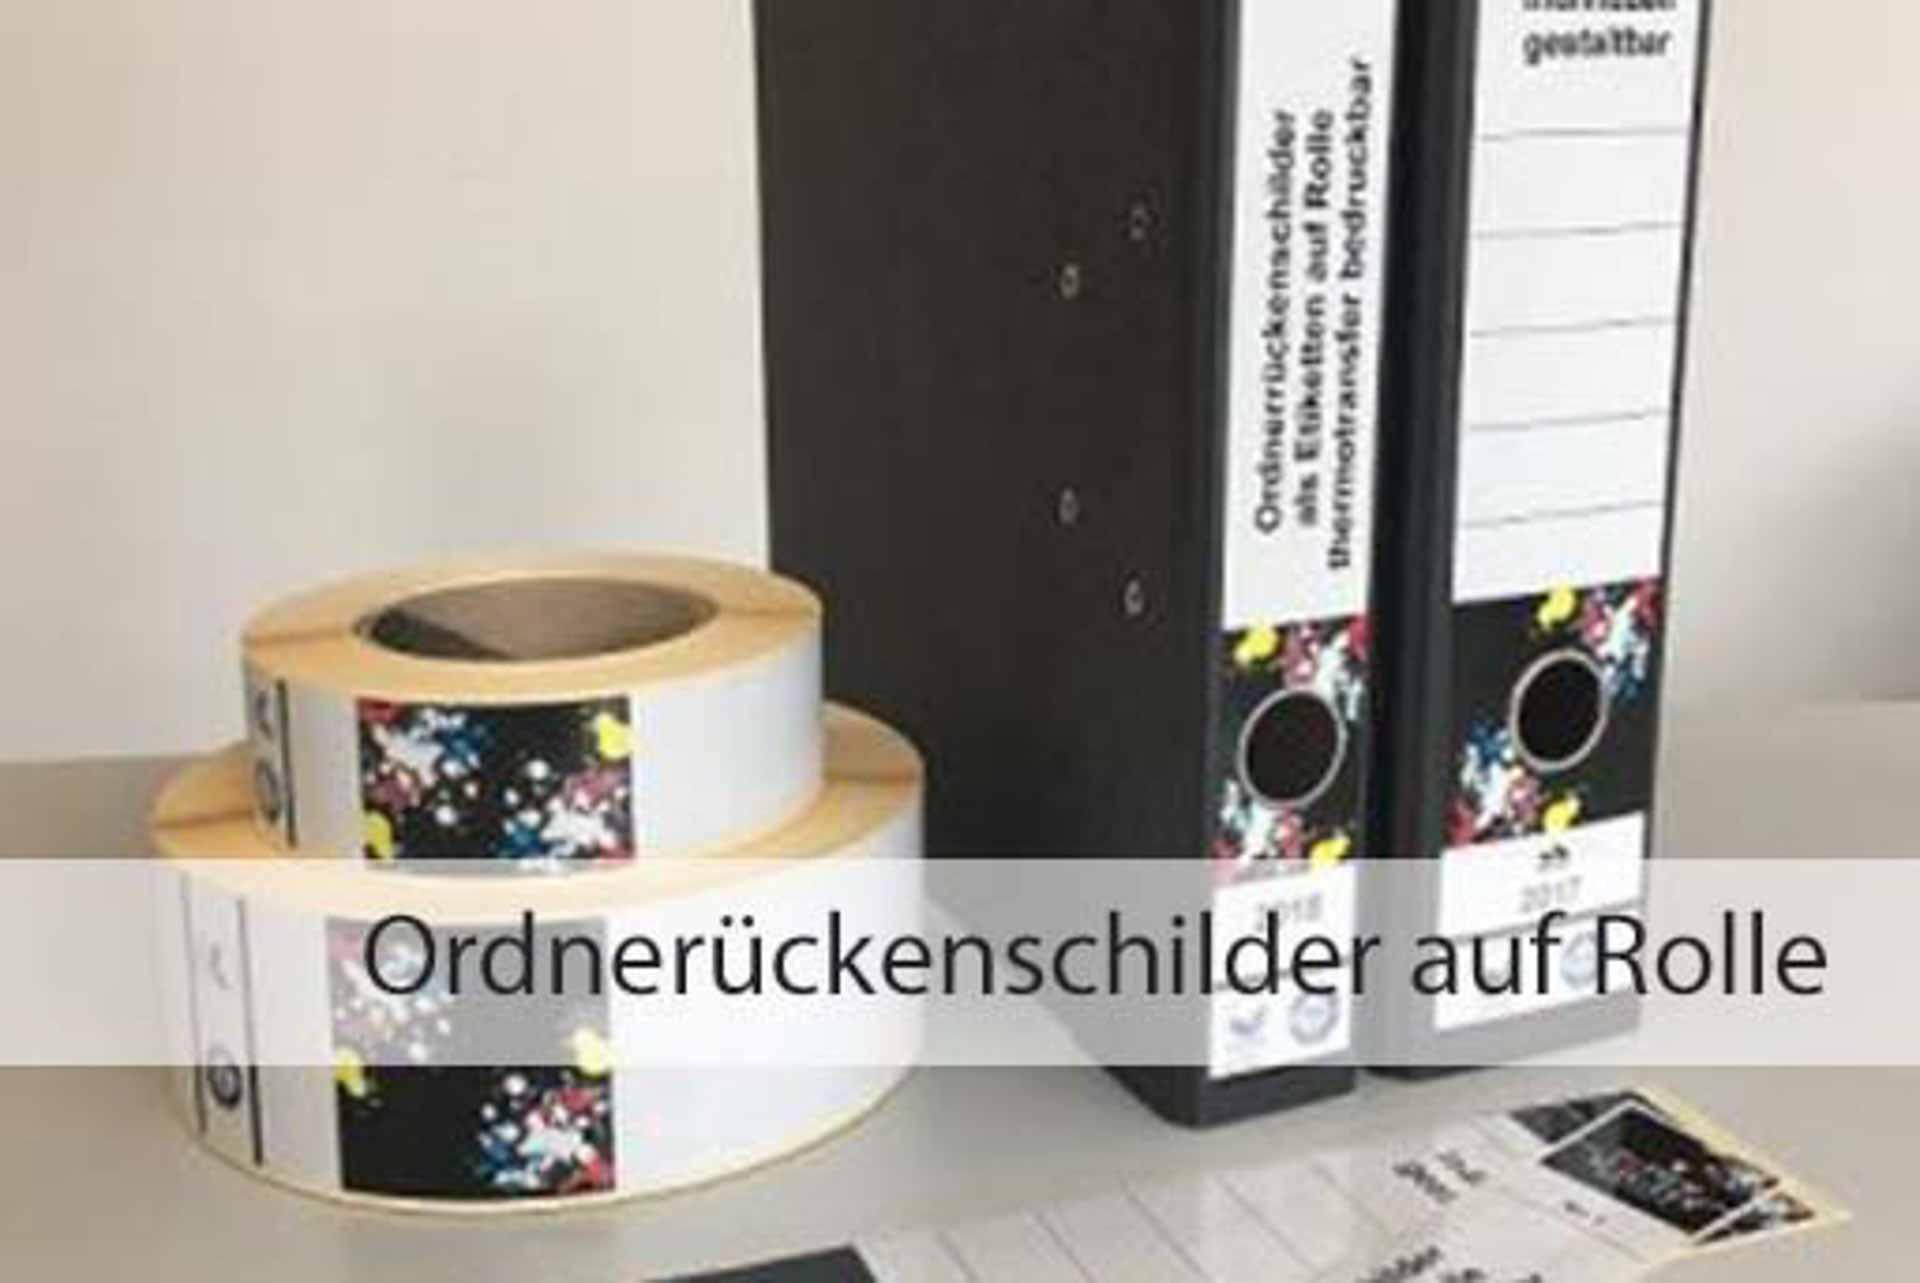 Ordnerrückenschilder auf Rolle | Papier-Schäfer-GmbH & Co. KG